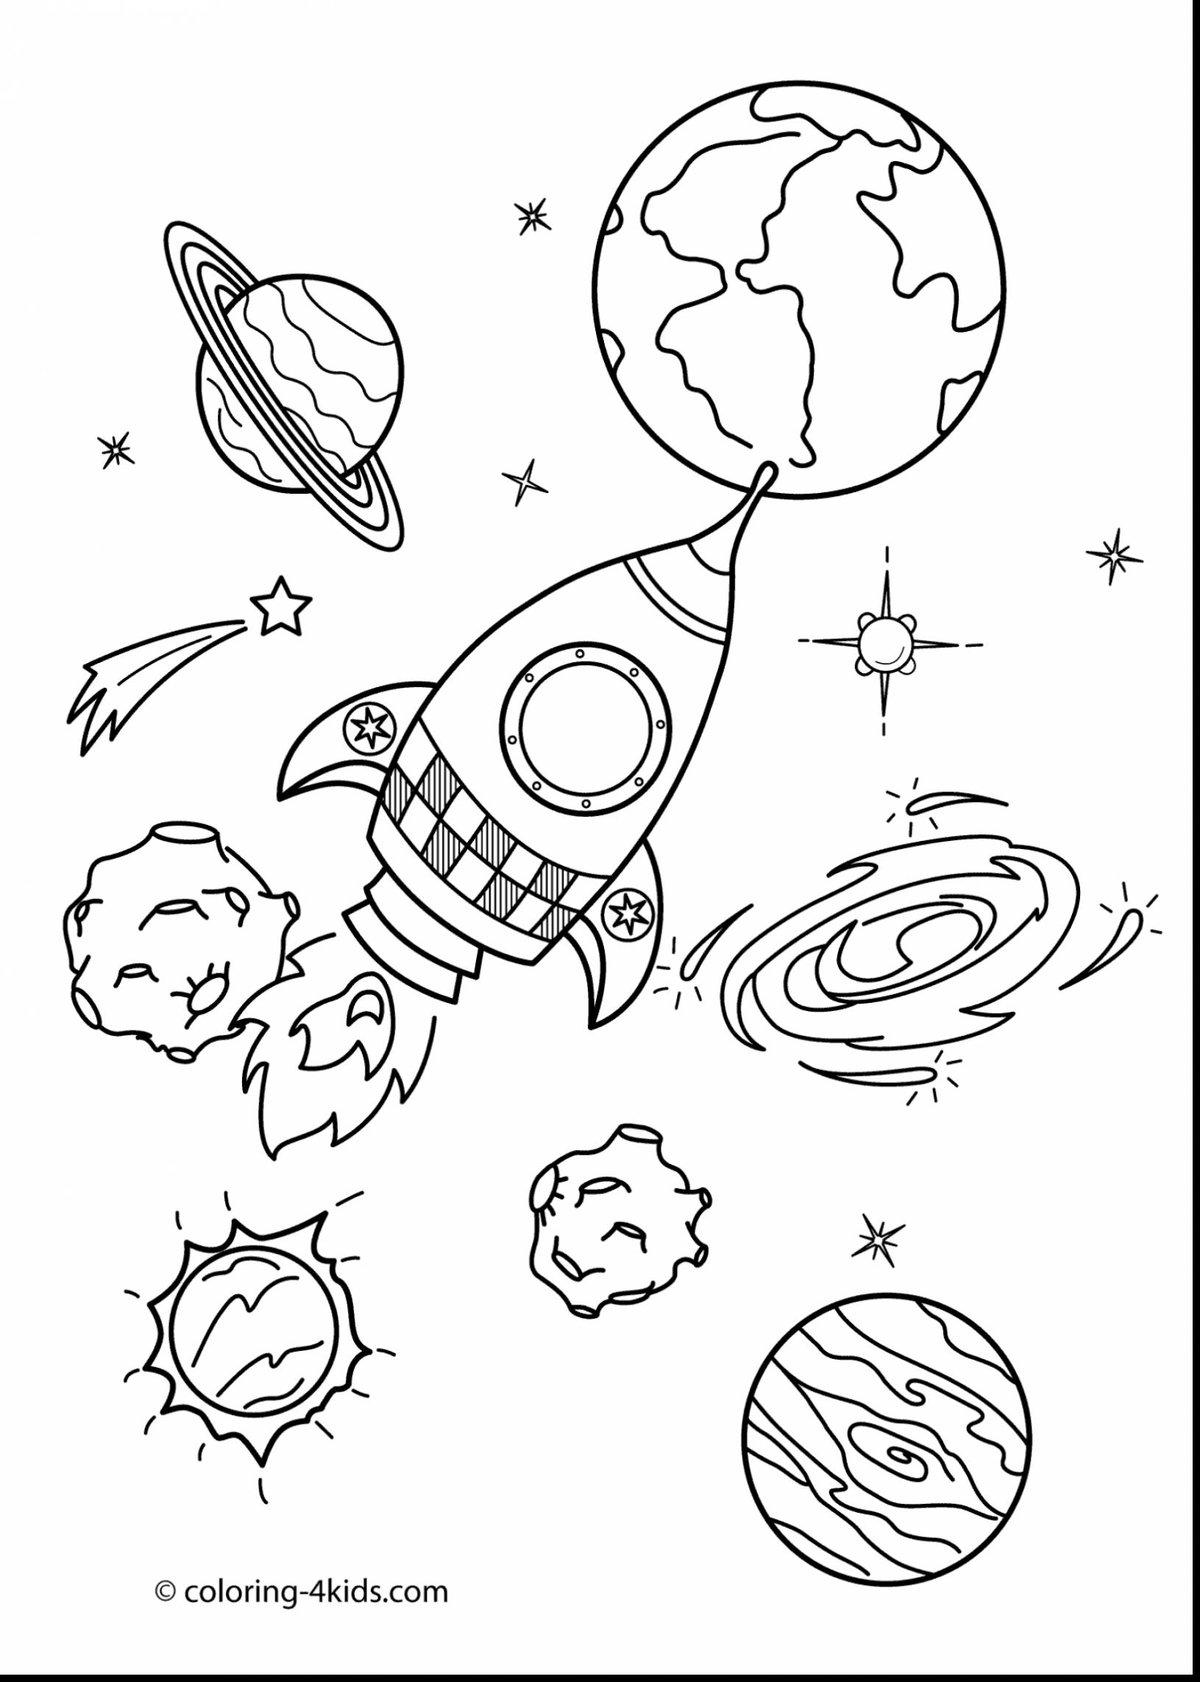 черно белые картинки про космос балка вновь поворачивает